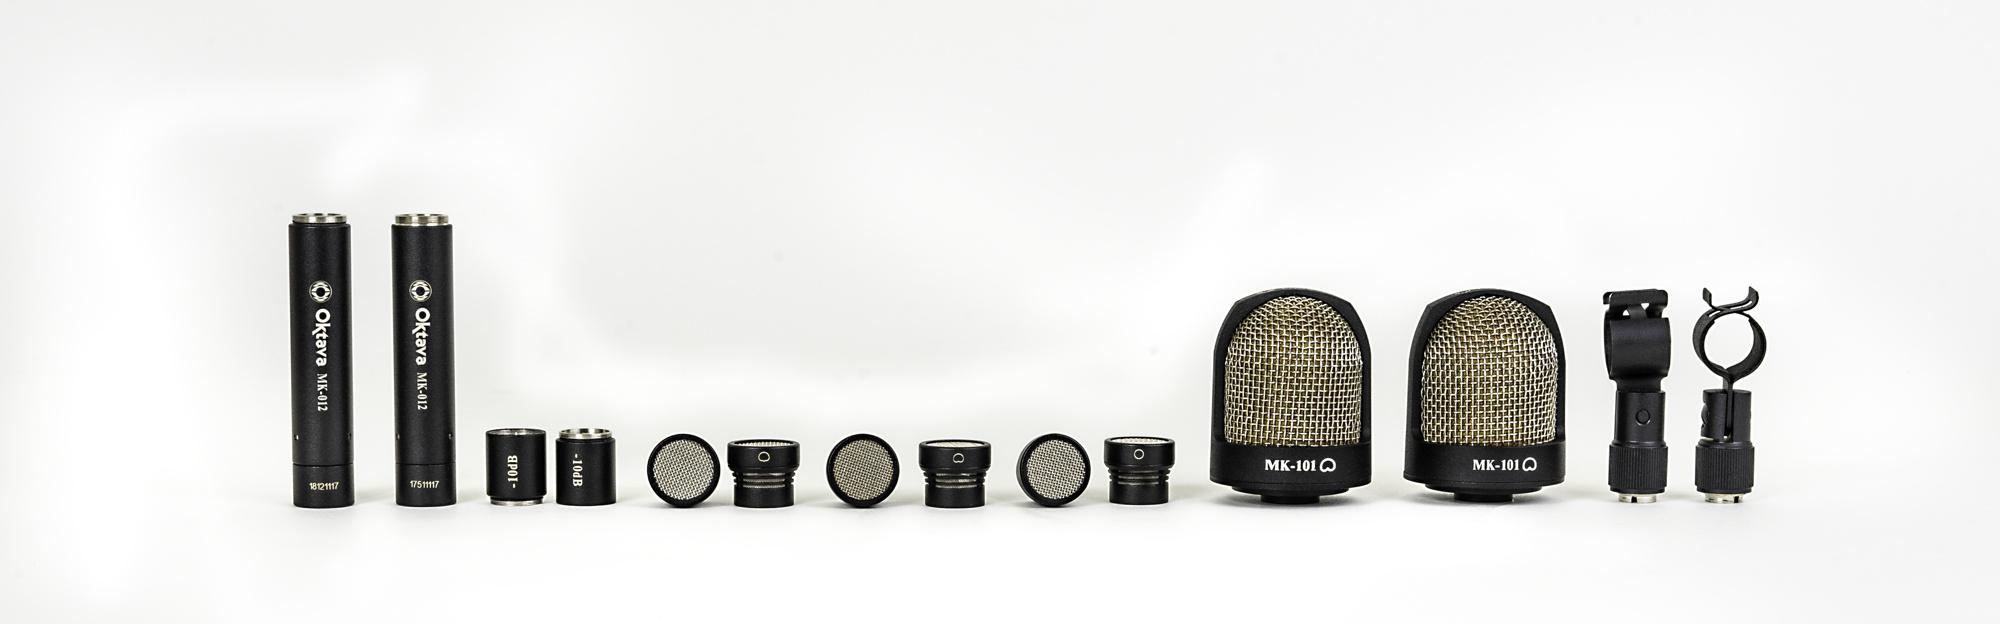 Комплект поставки Oktava MK-012-10 MSP8 обзор